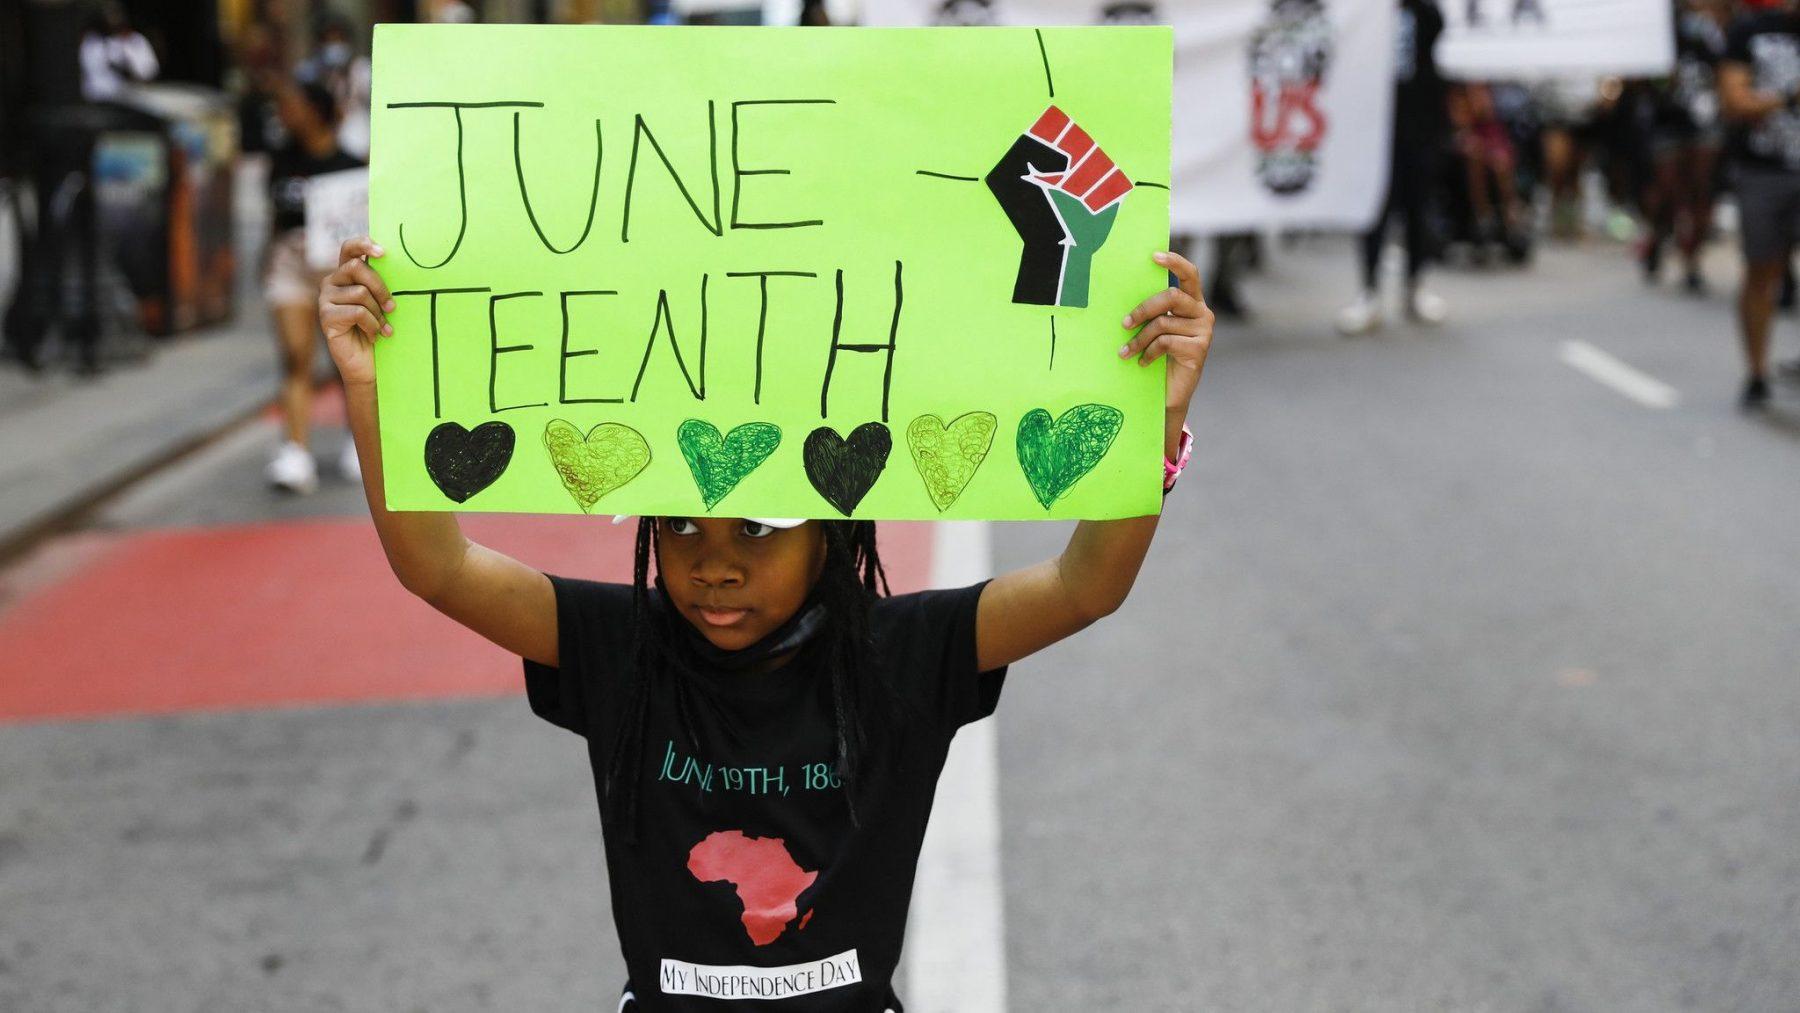 Juneteenth, waarop Amerikanen afschaffing slavernij vieren, wordt nationale feestdag in VS